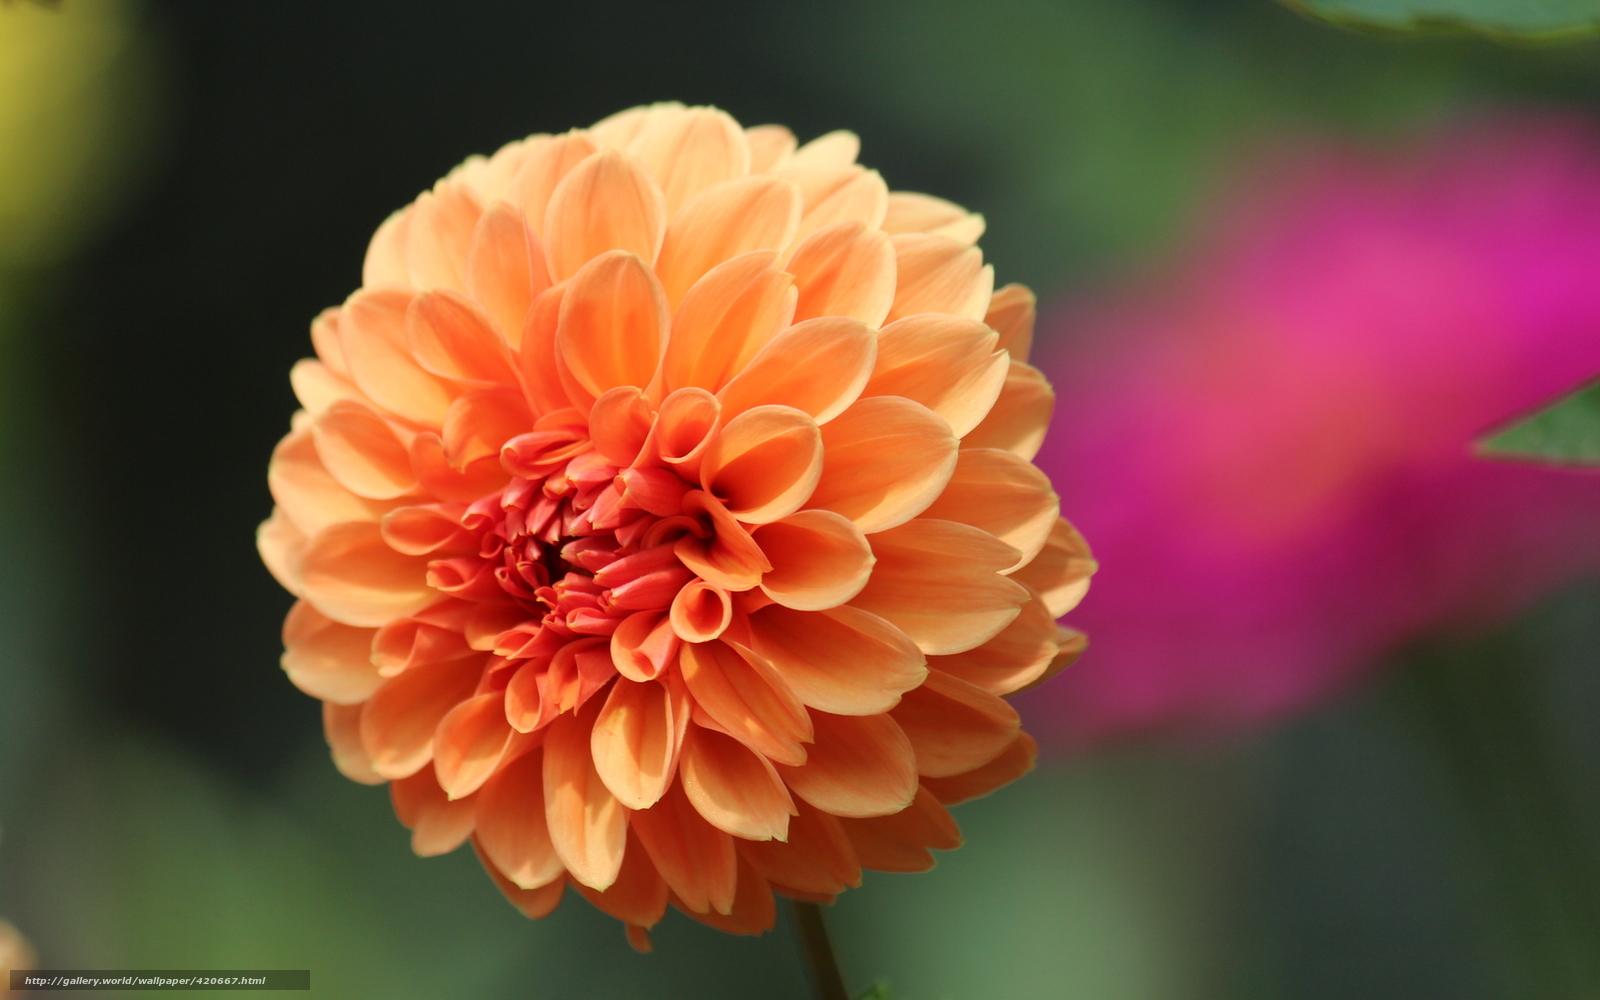 Скачать обои цветок,  макро,  георгин карликовый бесплатно для рабочего стола в разрешении 1680x1050 — картинка №420667